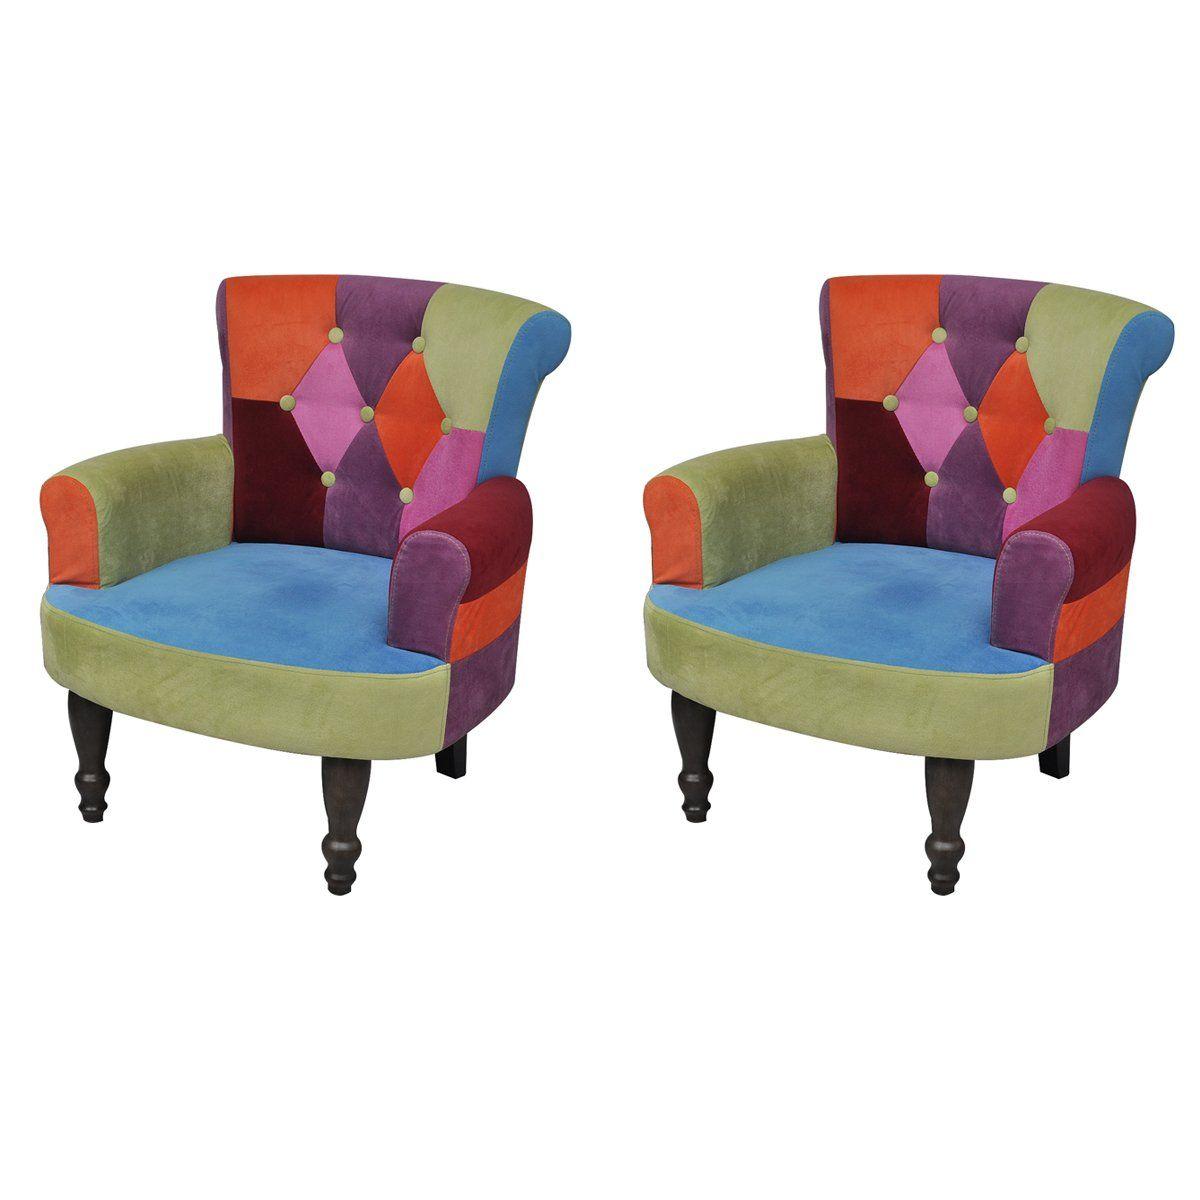 stuhlsessel sessel stuhl retrostil patchwork bunt armlehnenstuhl 2 st ck we 39 re in berlin. Black Bedroom Furniture Sets. Home Design Ideas